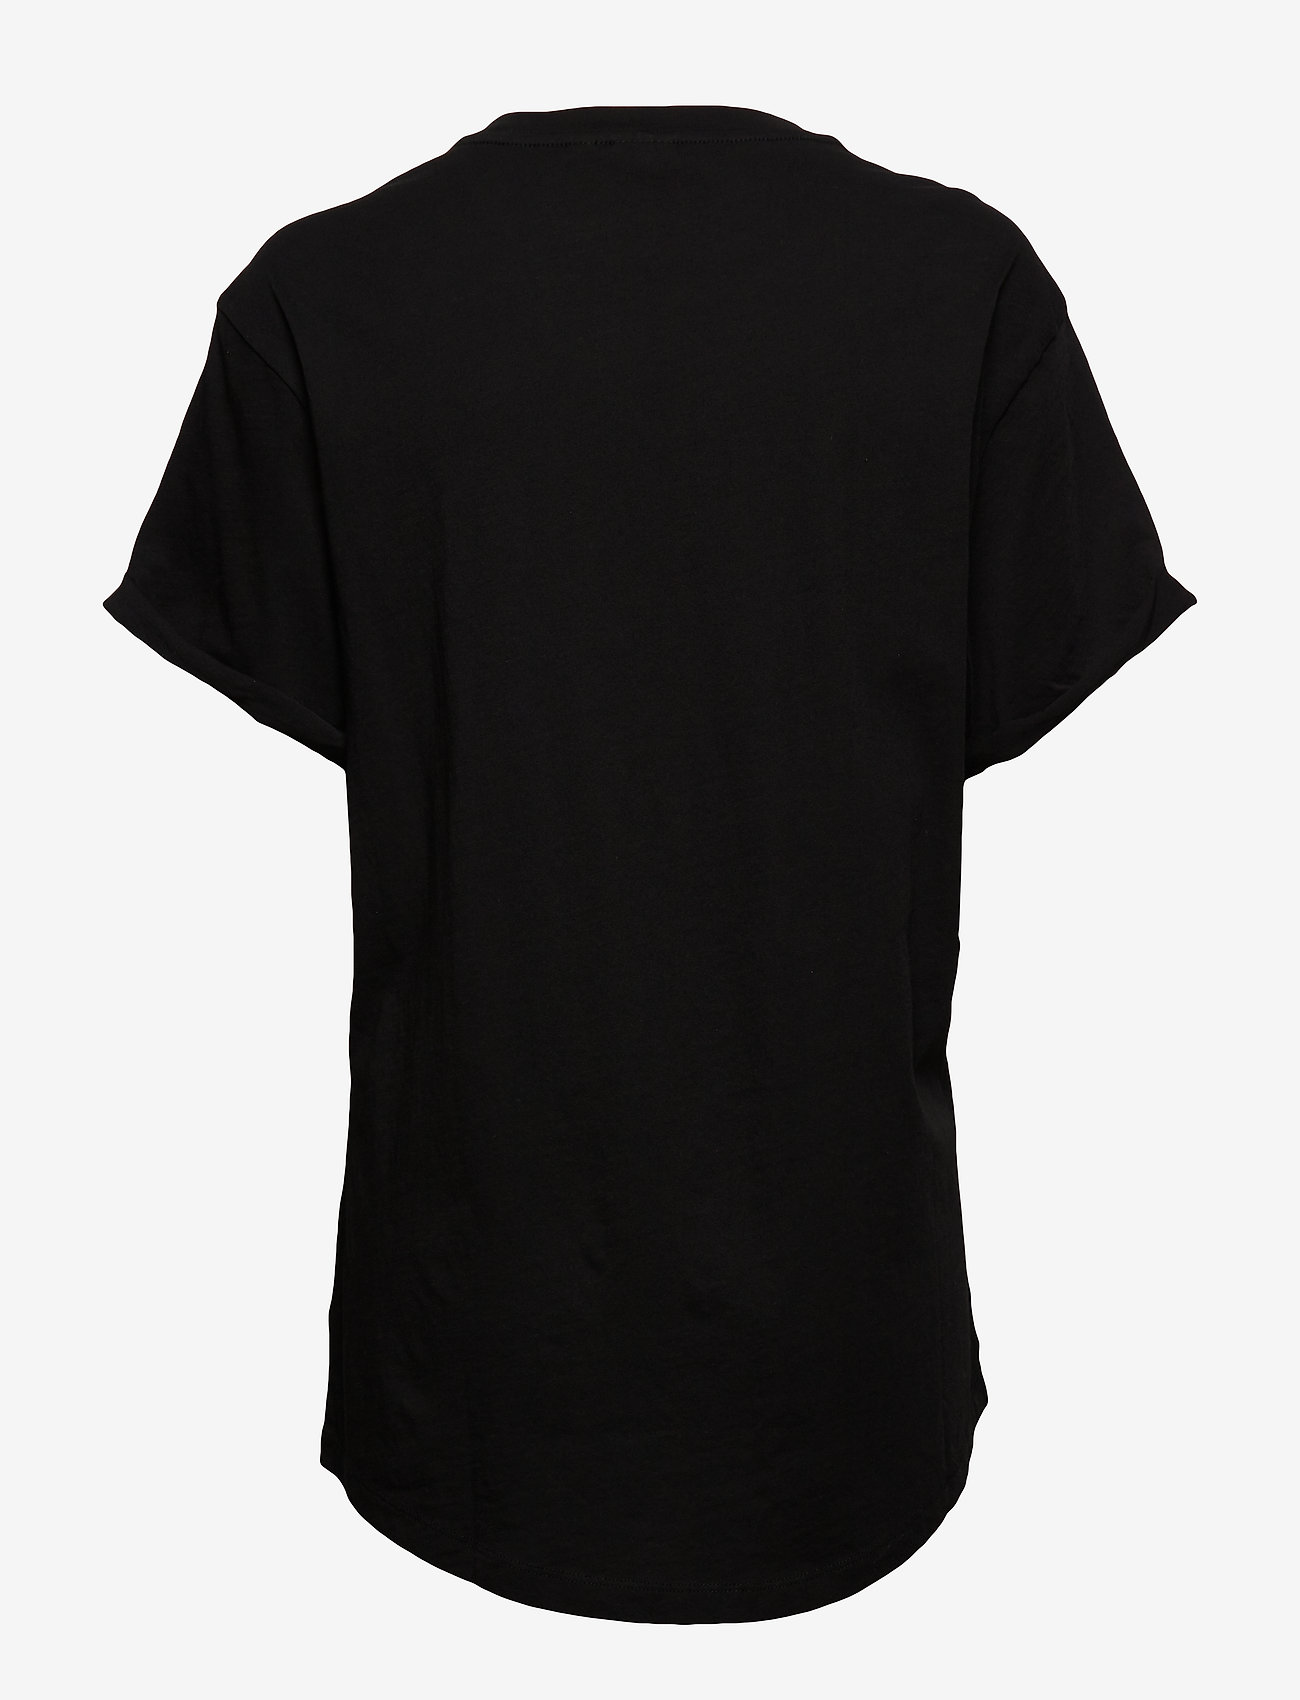 G-star RAW - Lash fem loose r t wmn s\s - t-shirts - dk black - 1